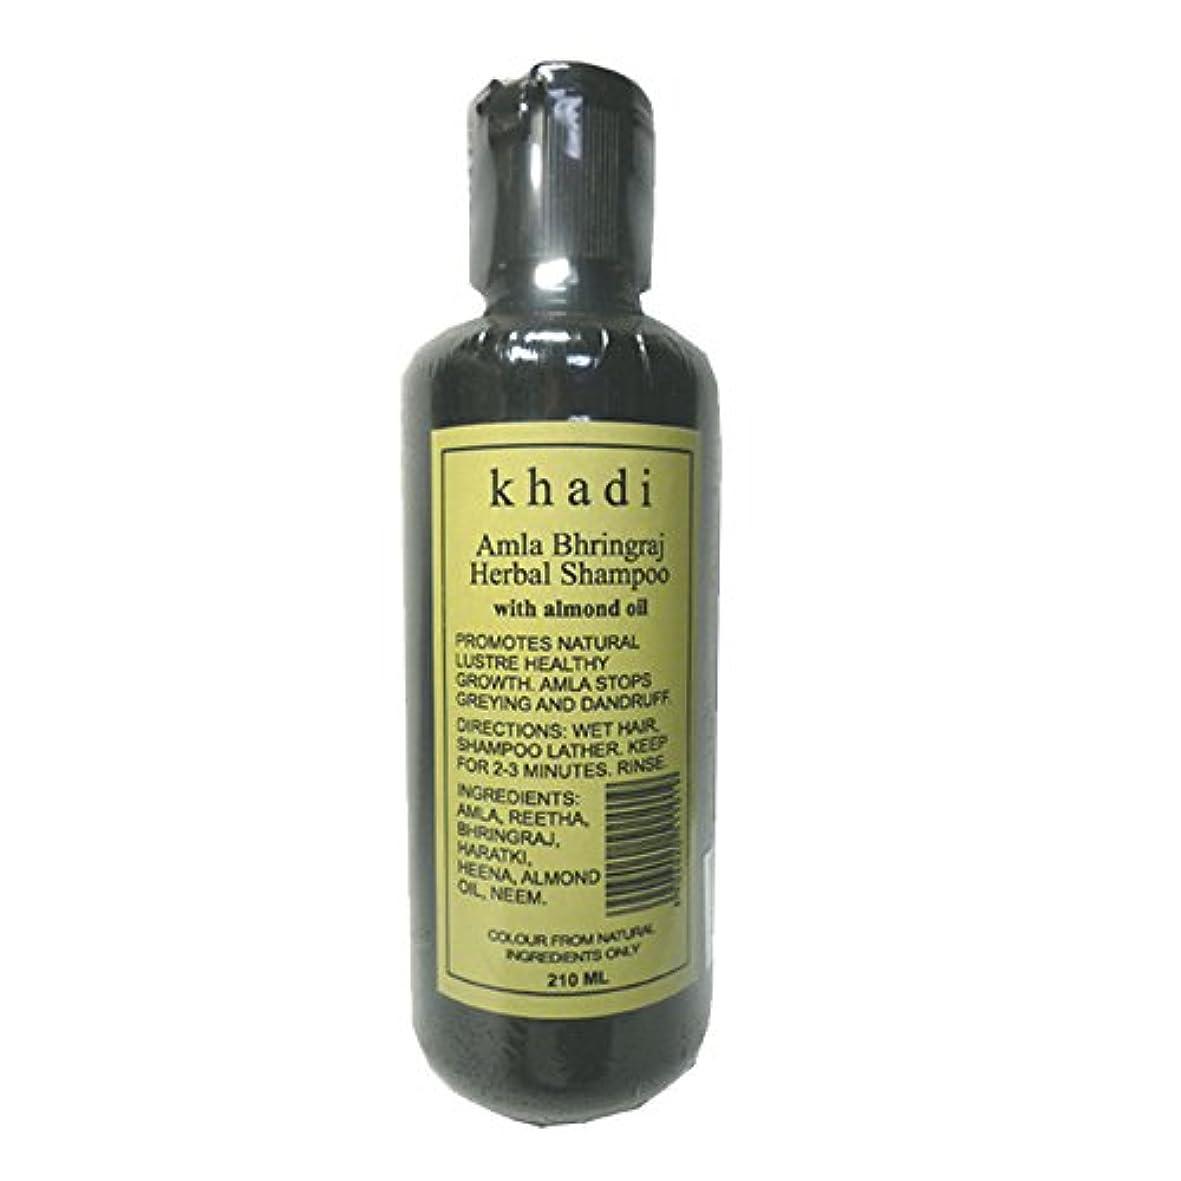 造船私たちのものいたずらな手作り  カーディ アムラ リーサ ハーバルシャンプー KHADI Amla Rertha  Herbal Shampoo(Amla Bhringraj Herbal Shampoo)